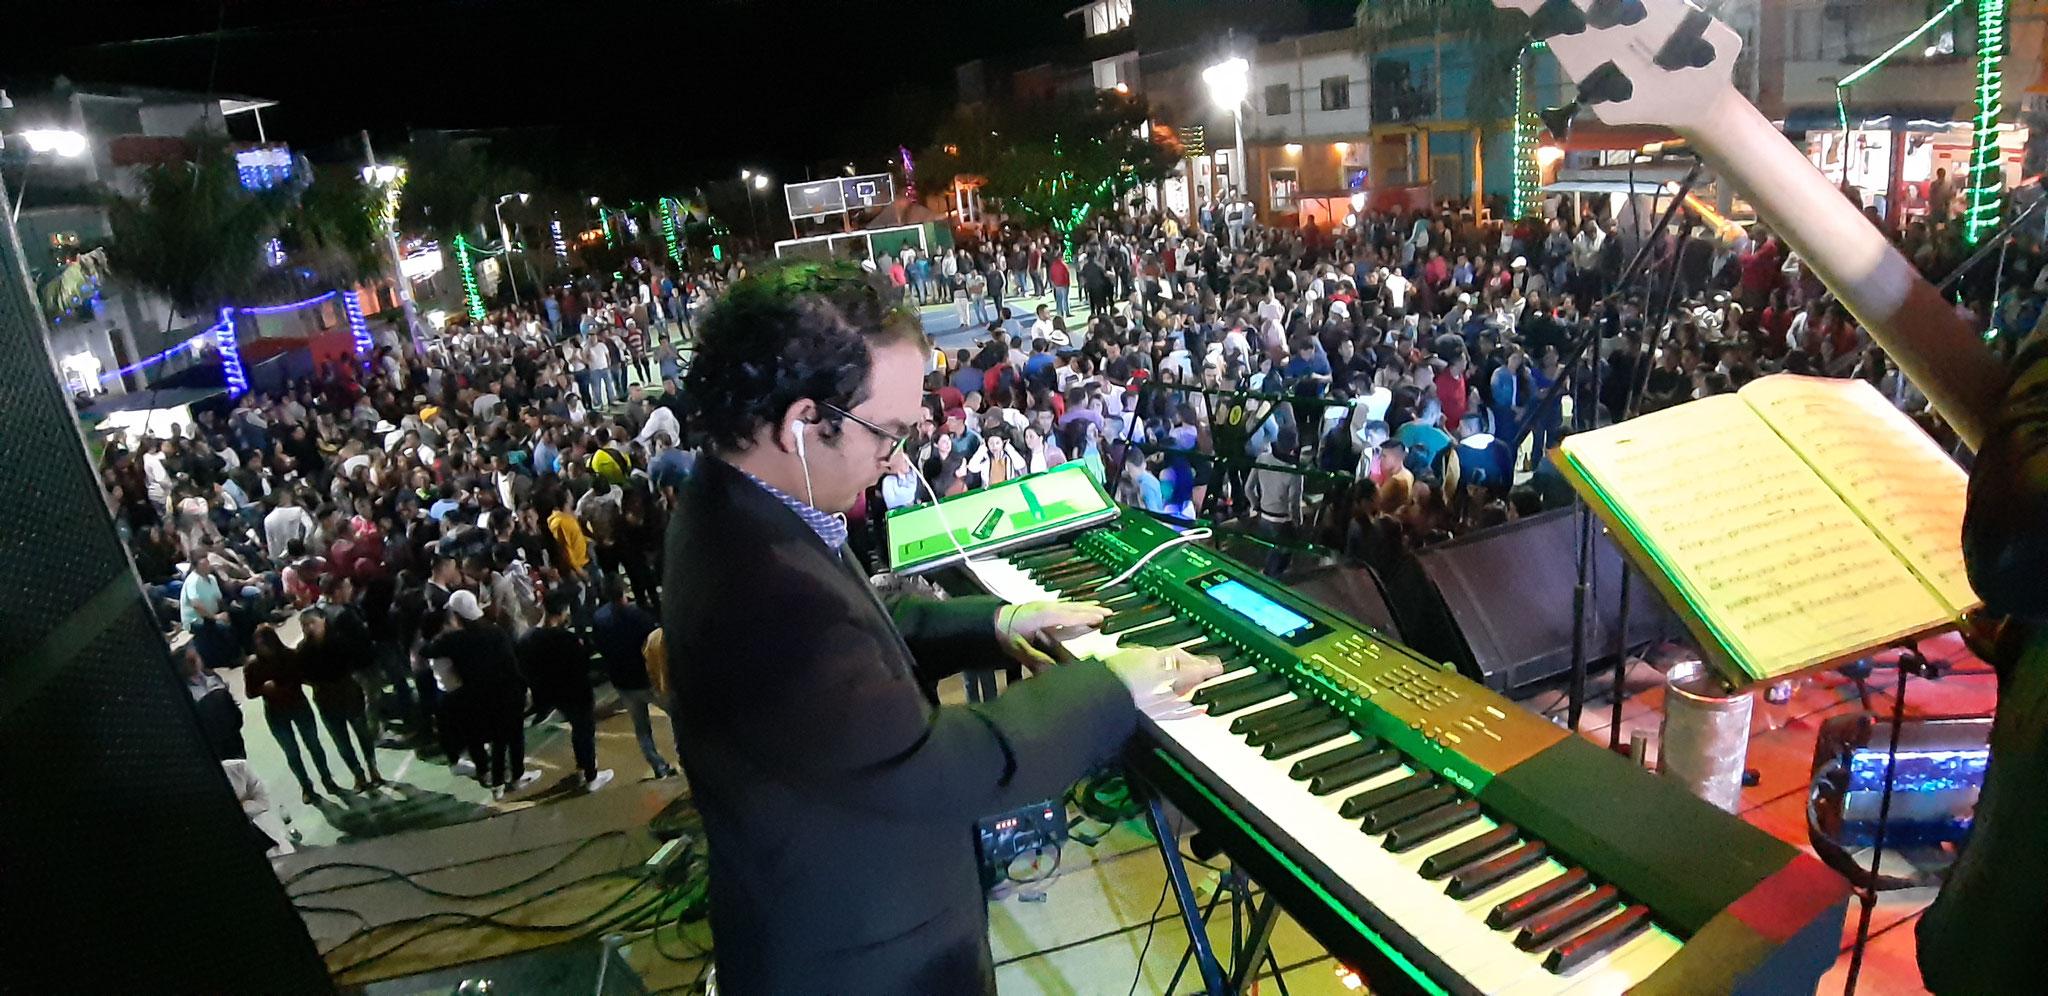 Armando Hernández y su combo en Taminango Nariño 22 dic 2019